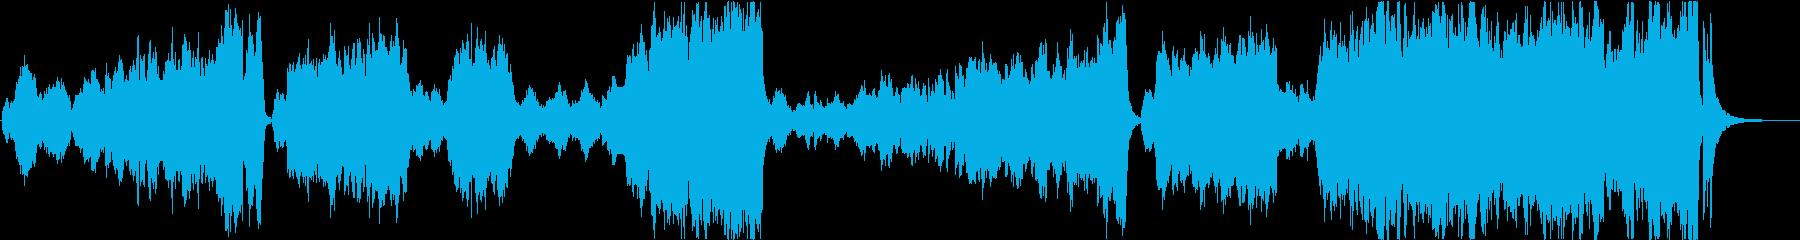 壮大で悲壮感ジブリ映画風オーケストラの再生済みの波形